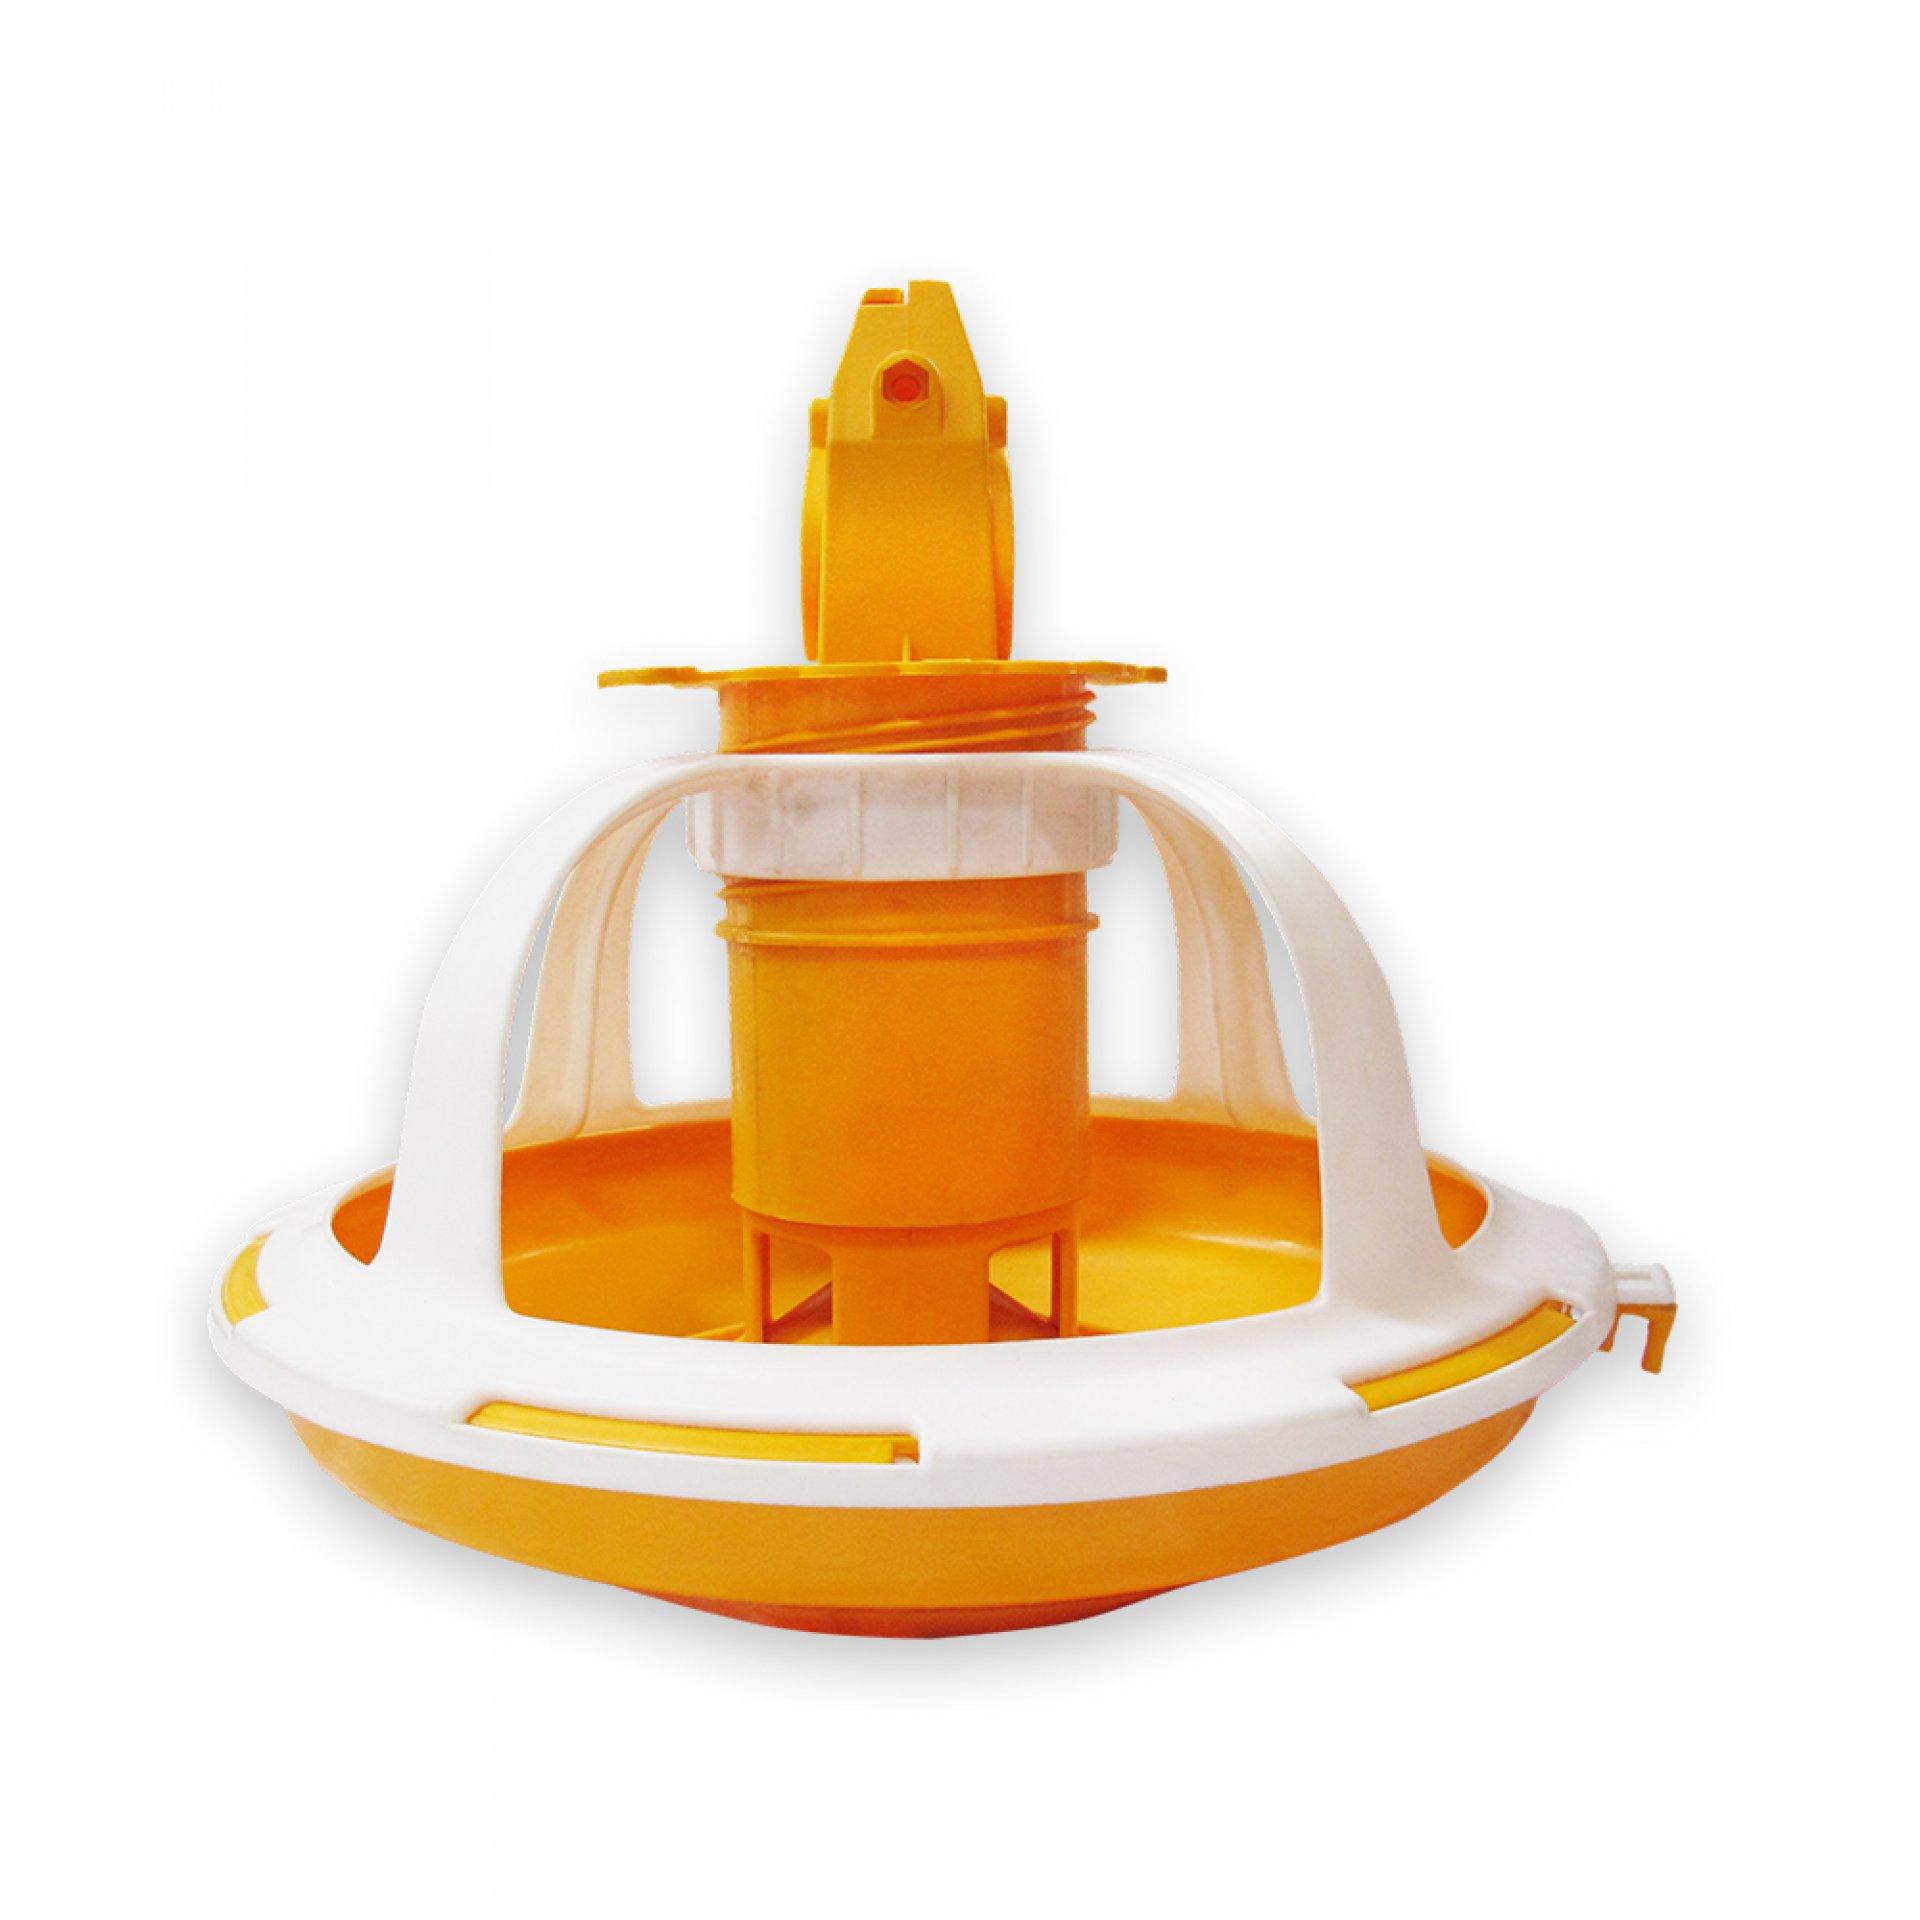 bym01-0202-broyler-feeder-pan